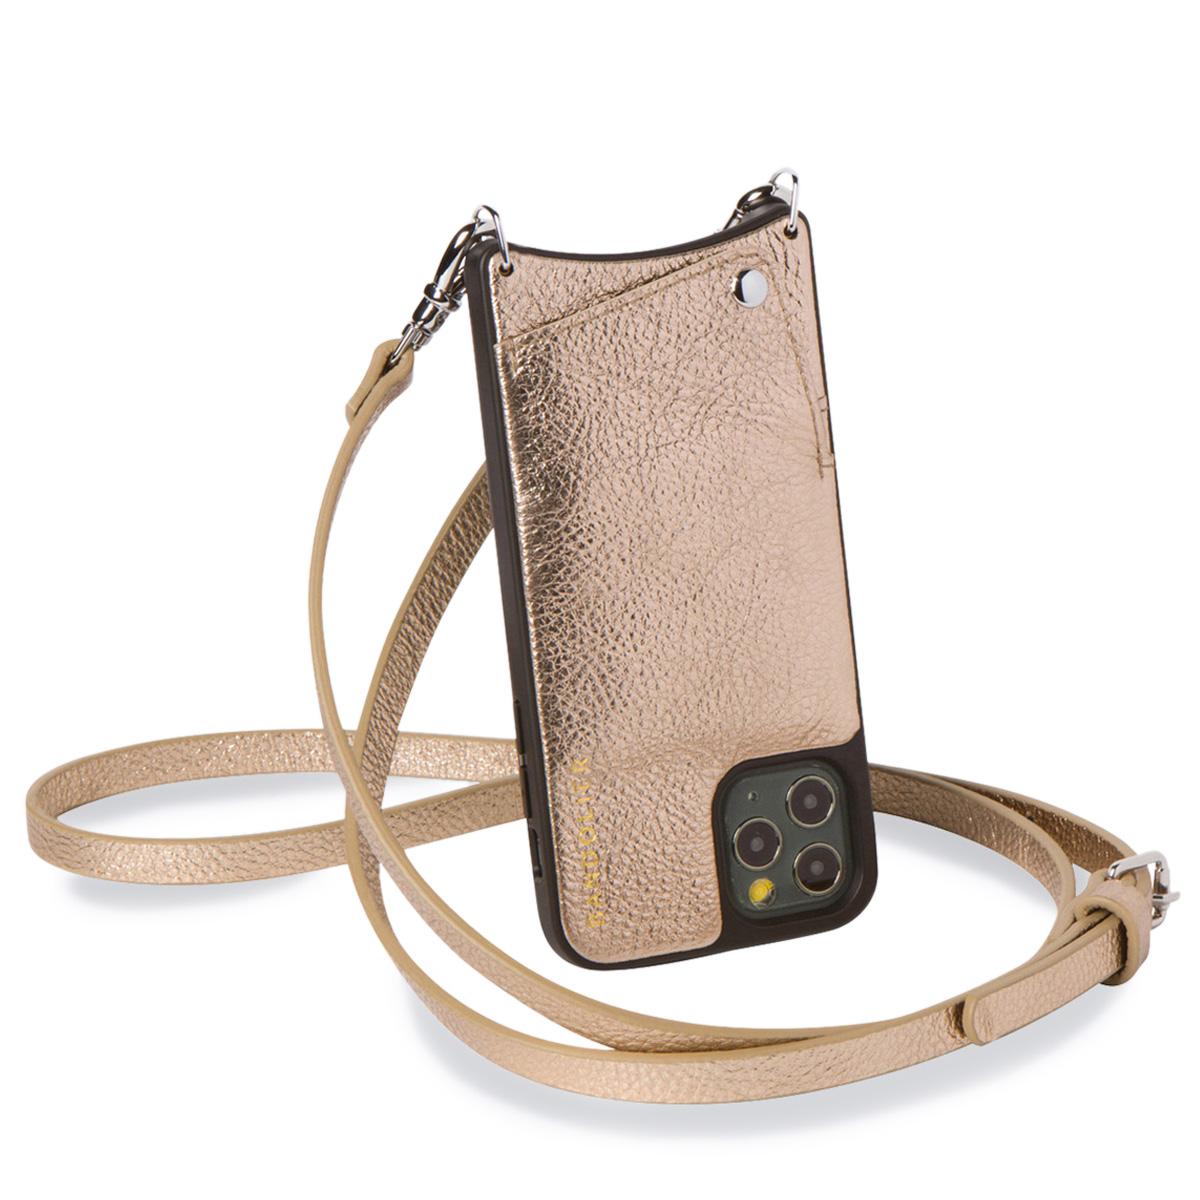 BANDOLIER EMMA CHAMPAGNE GOLD バンドリヤー iPhone11 Proケース スマホ 携帯 ショルダー アイフォン エマ メンズ レディース レザー ゴールド 10EMM